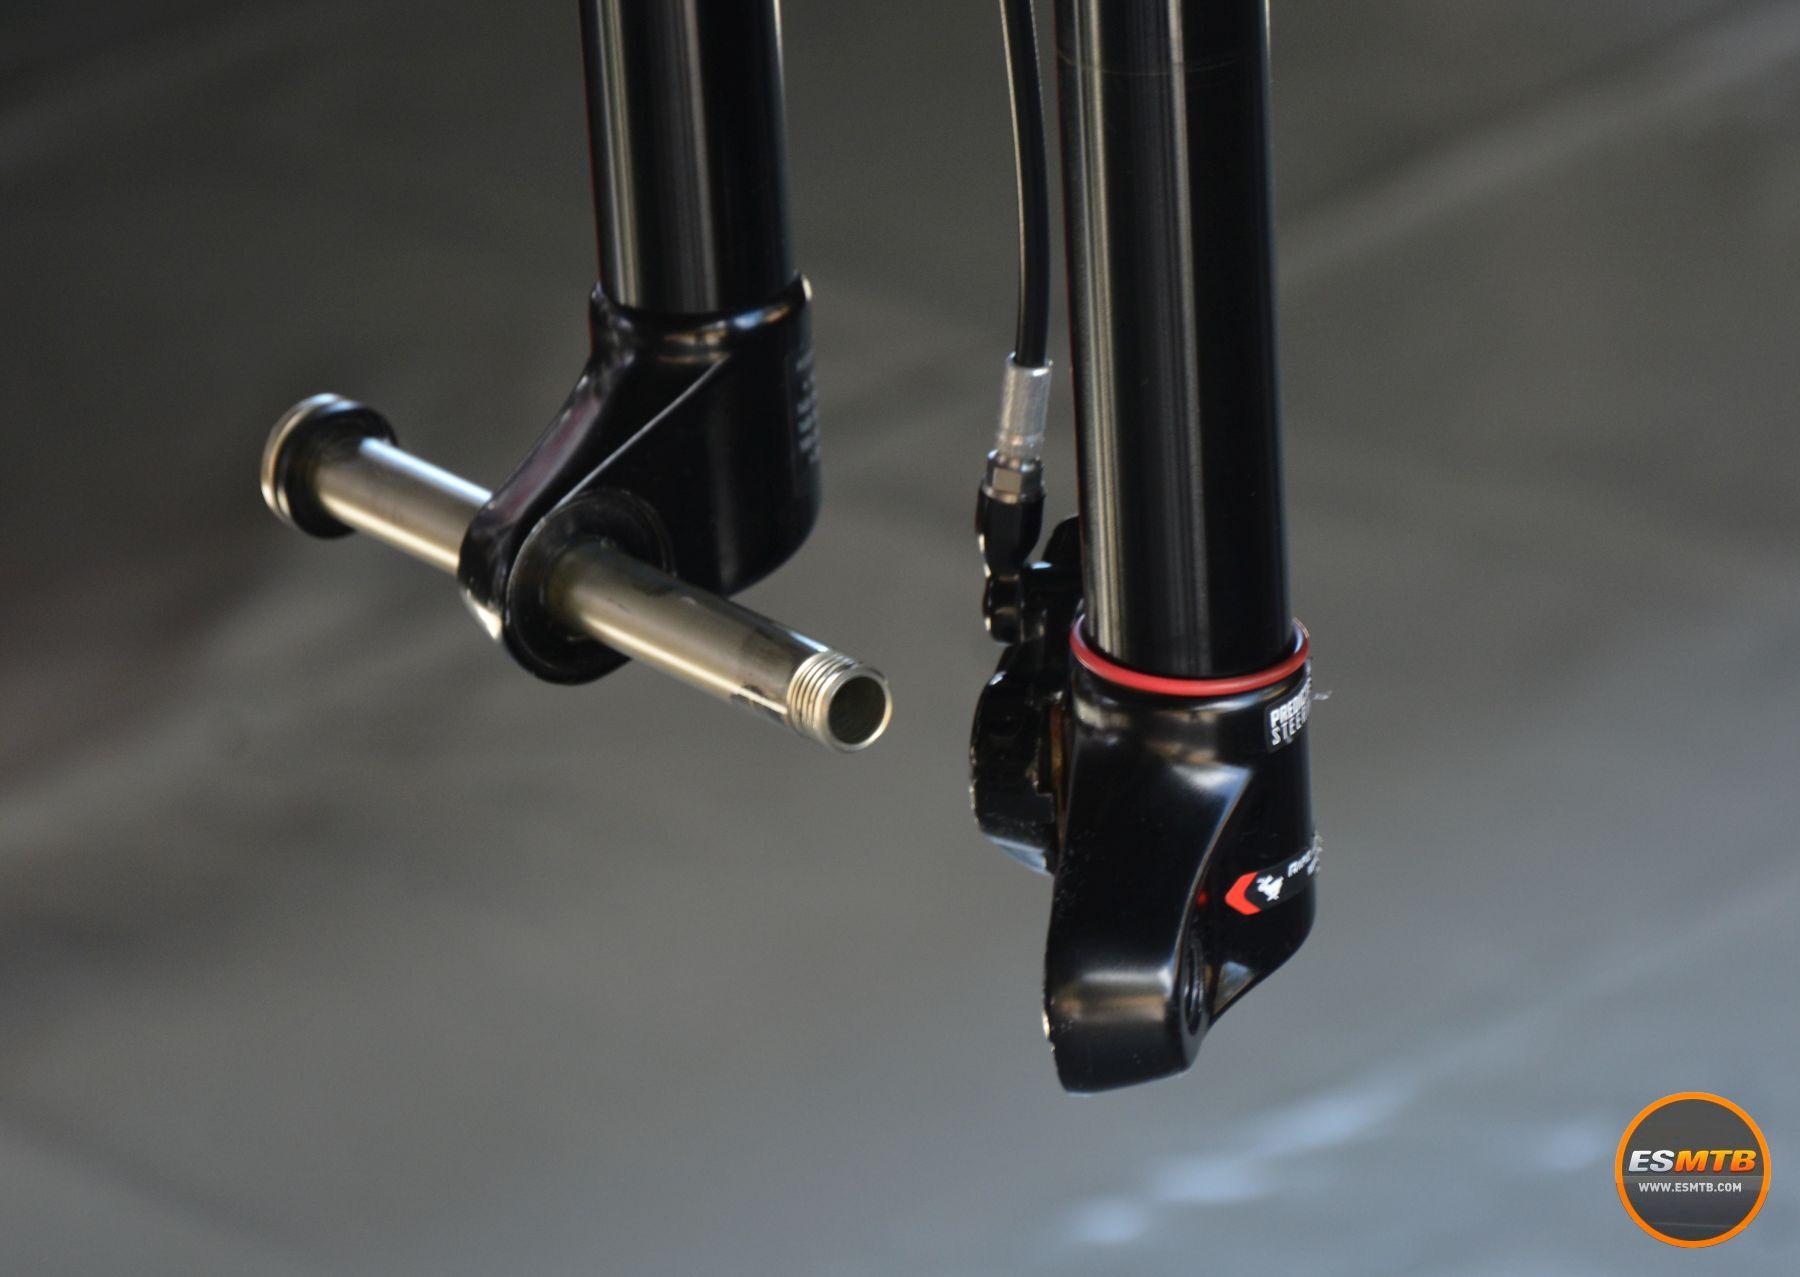 RockShox RS1 y sus barras móviles